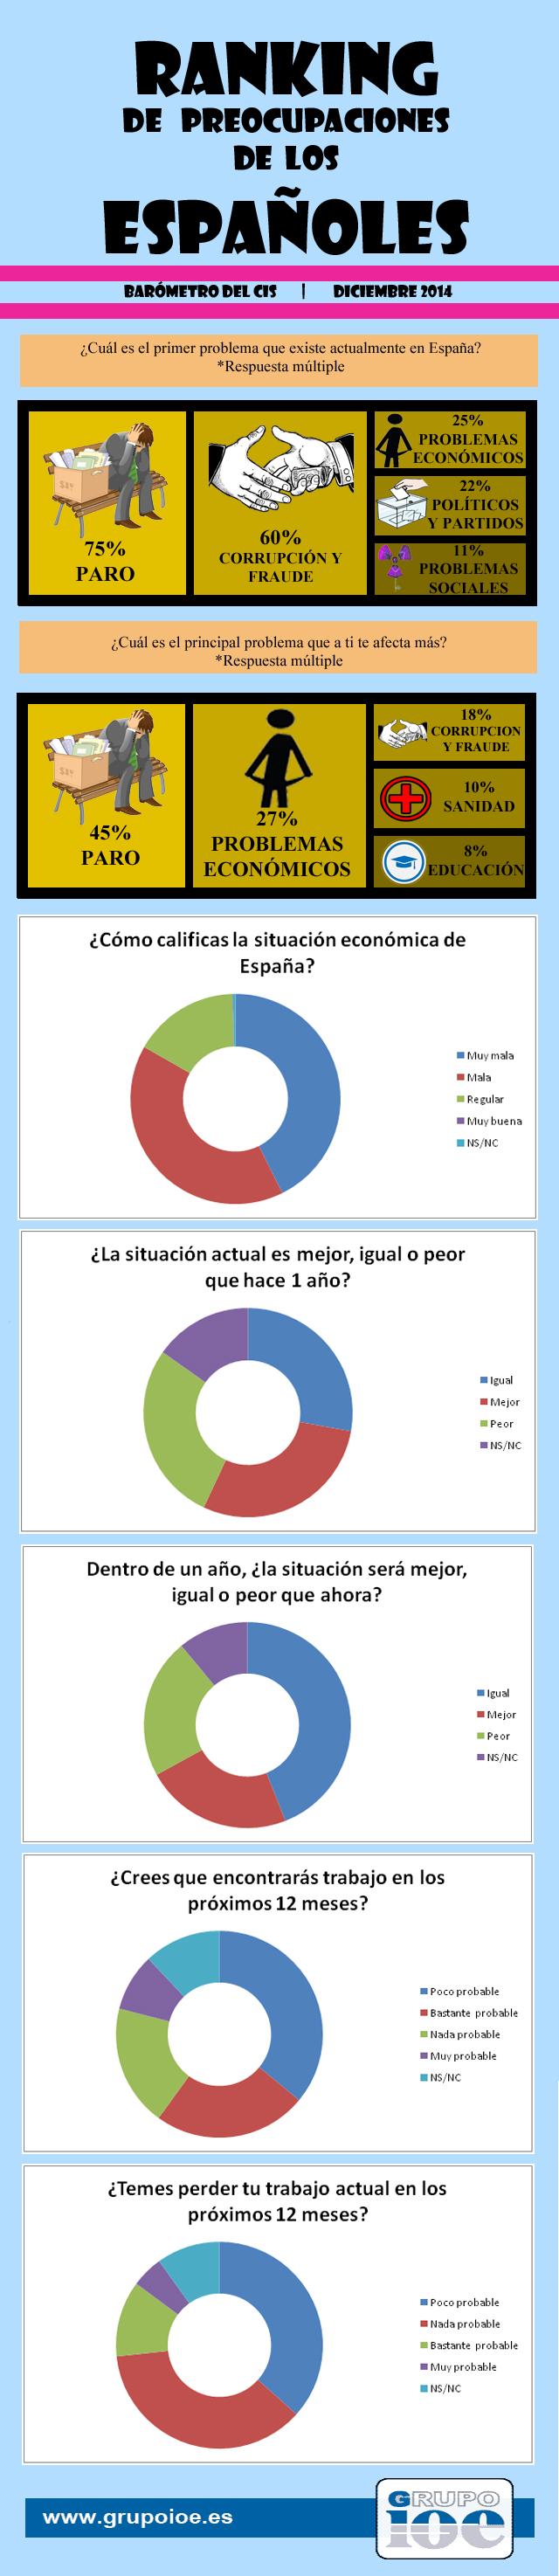 crispación de los españoles